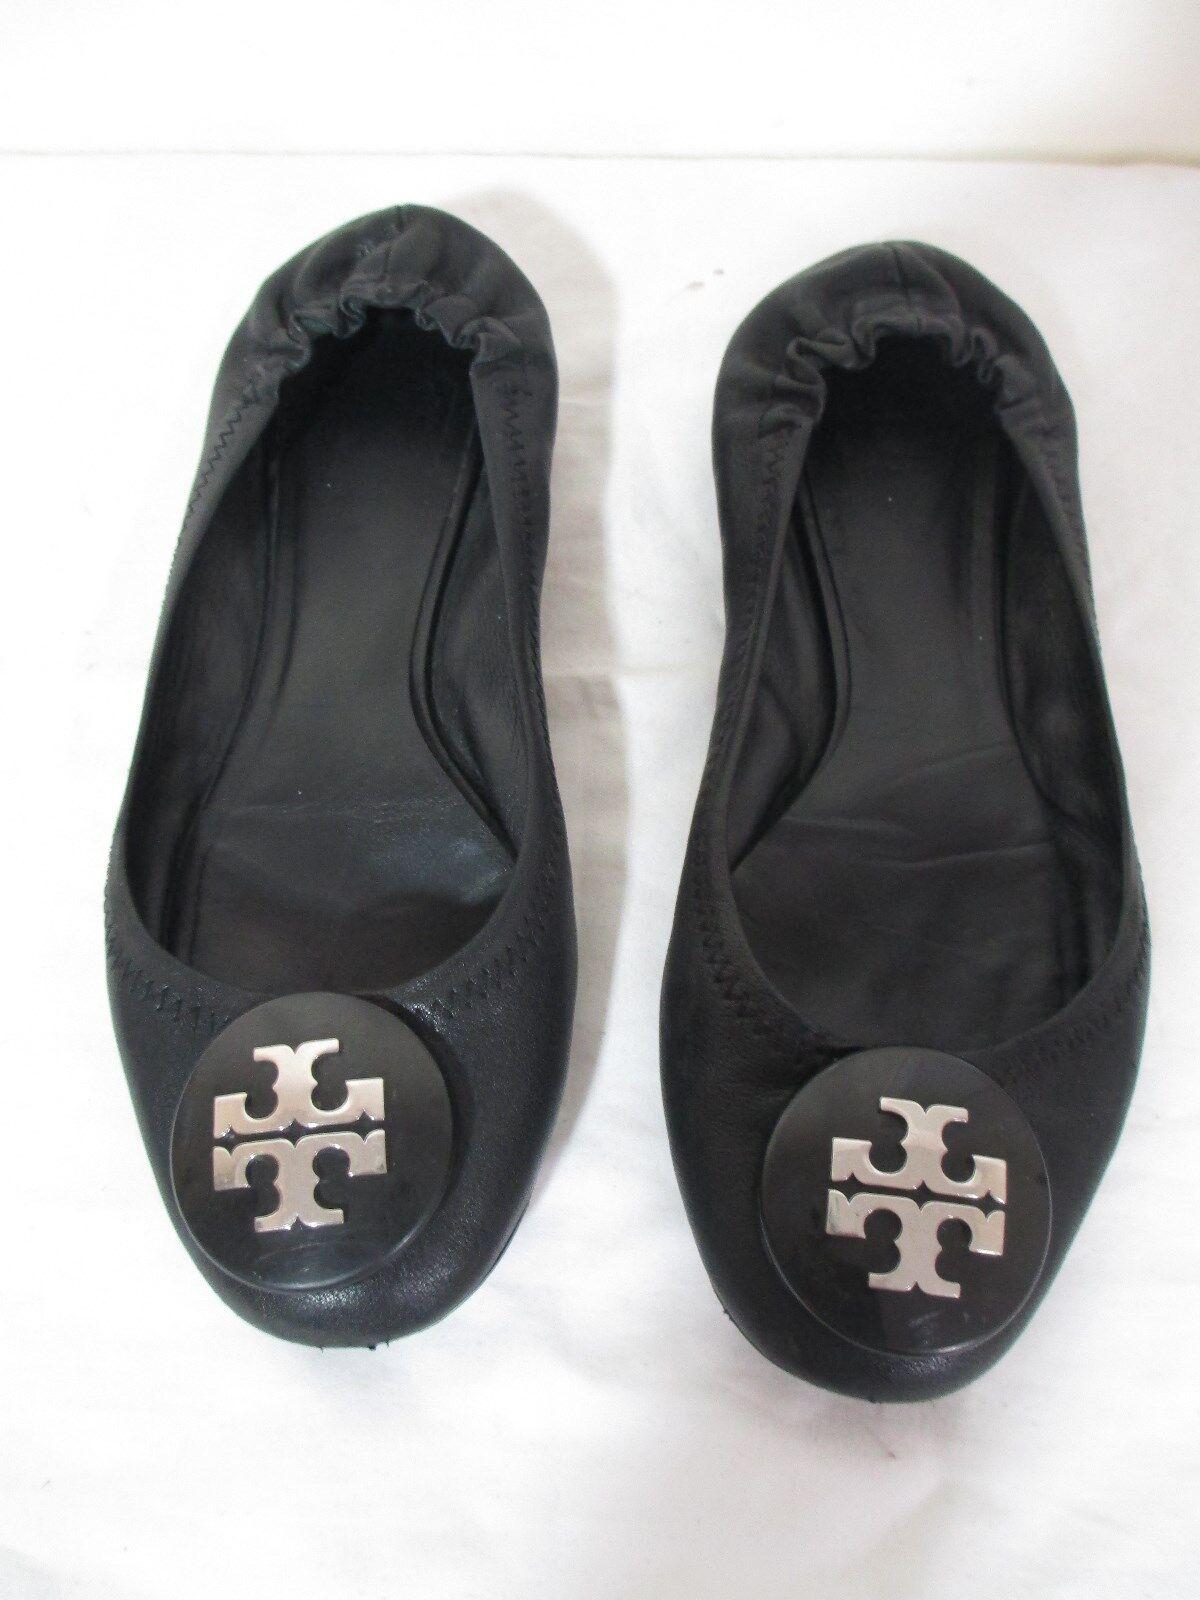 Tory Tory Tory Burch Mujeres Cuero Negro Zapatos De Ballet Zapatos sin Taco Sin tamaño 6.5 M  nuevo listado